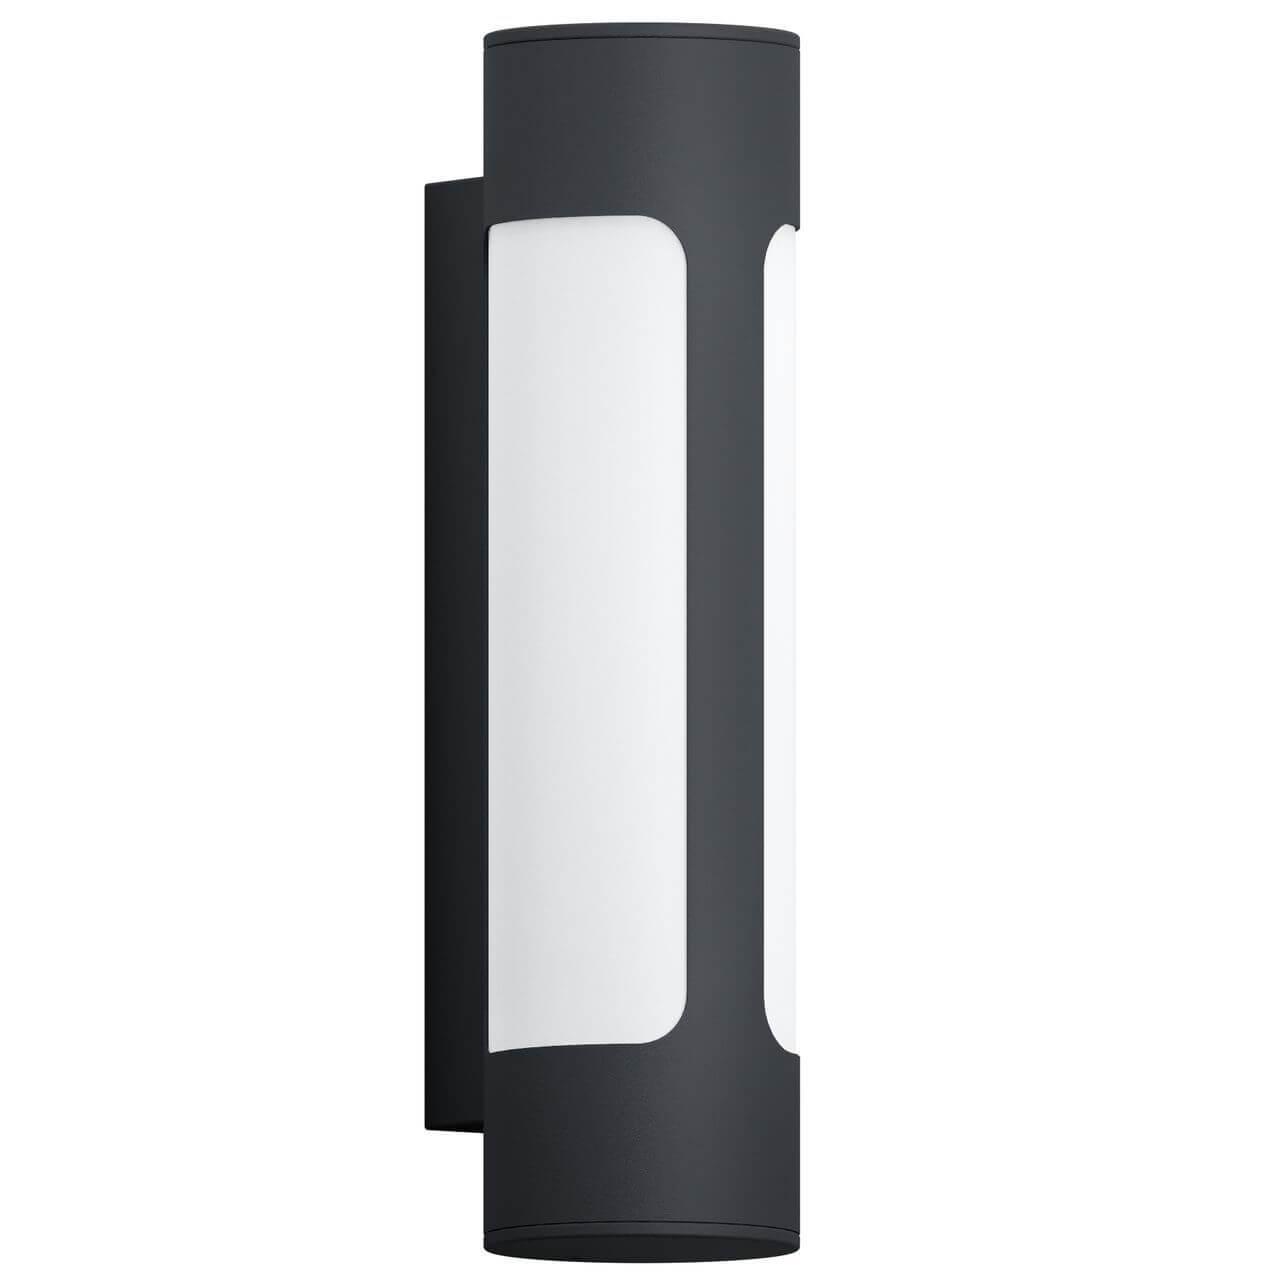 Уличный настенный светодиодный светильник Eglo Tonego 97119